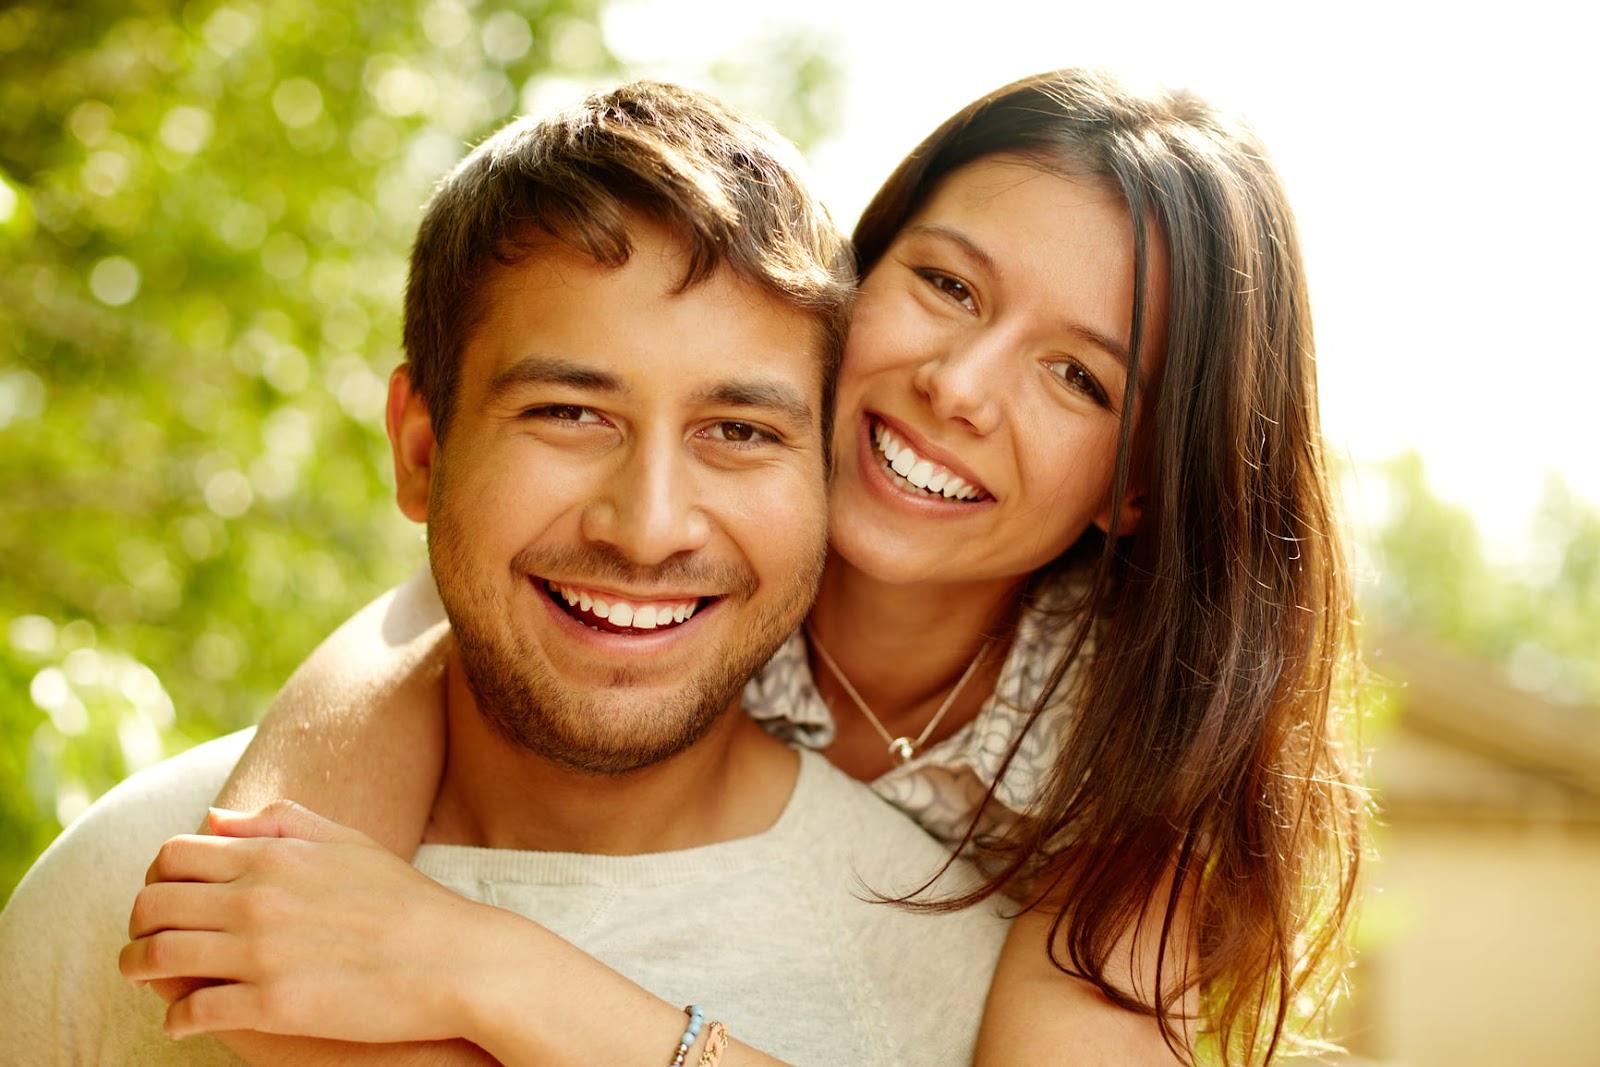 Dicas incríveis para manter um relacionamento feliz